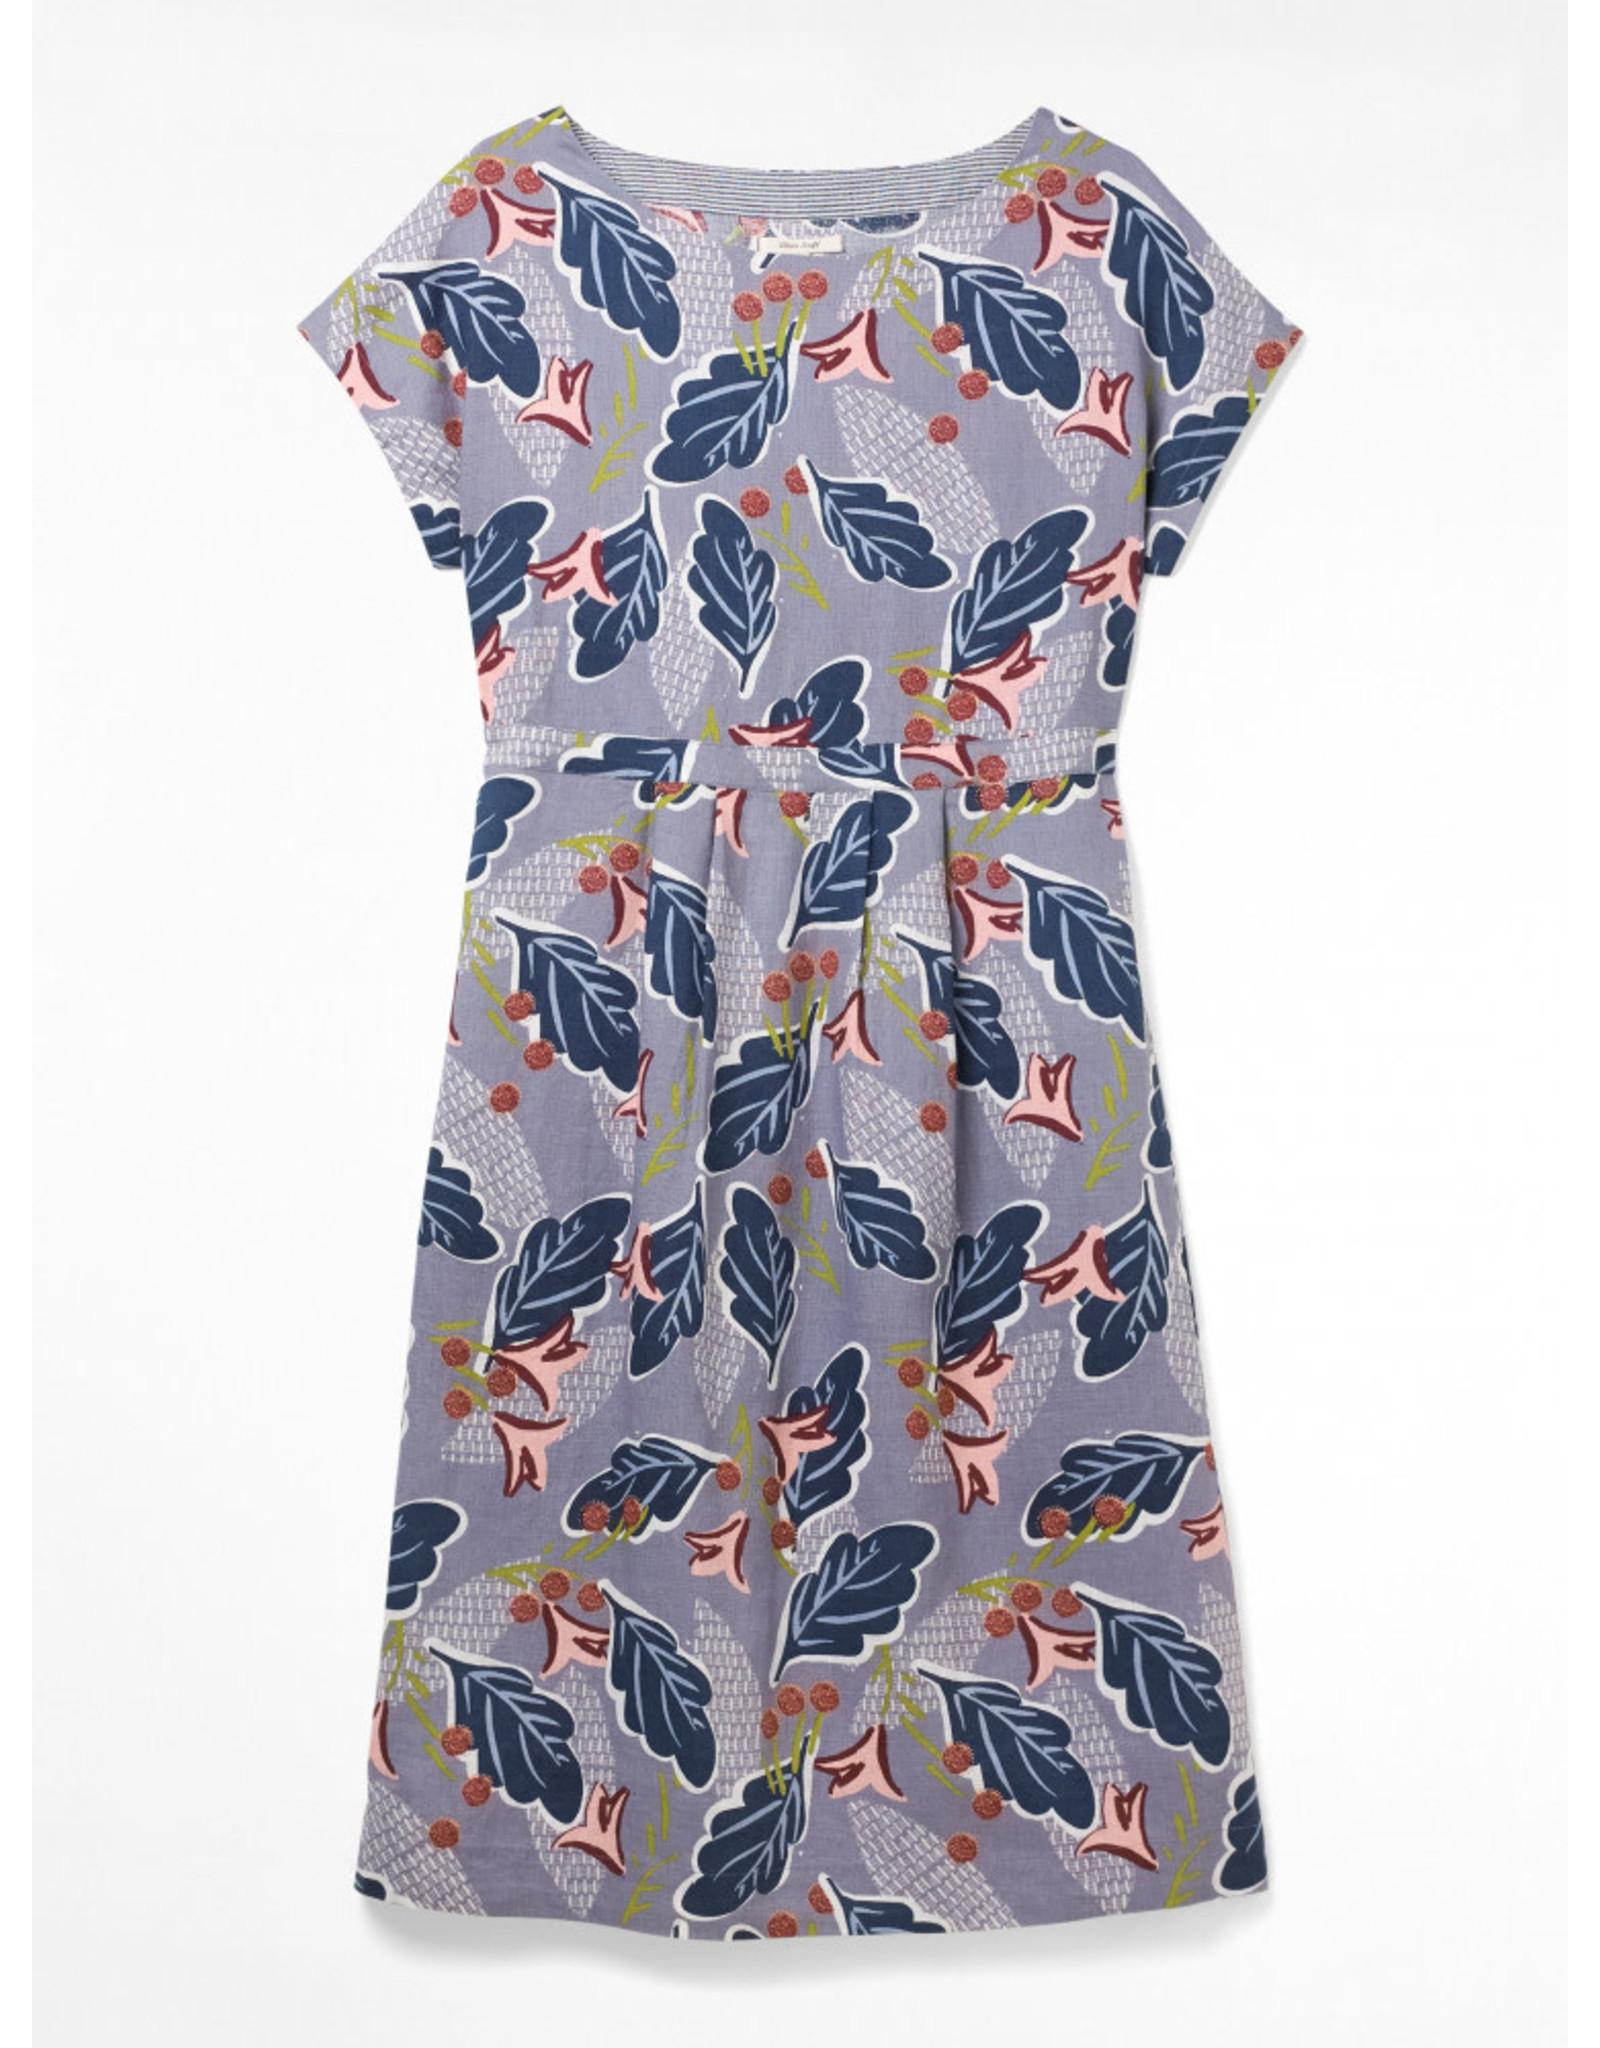 White Stuff White Stuff Mark Maker Linen Dress